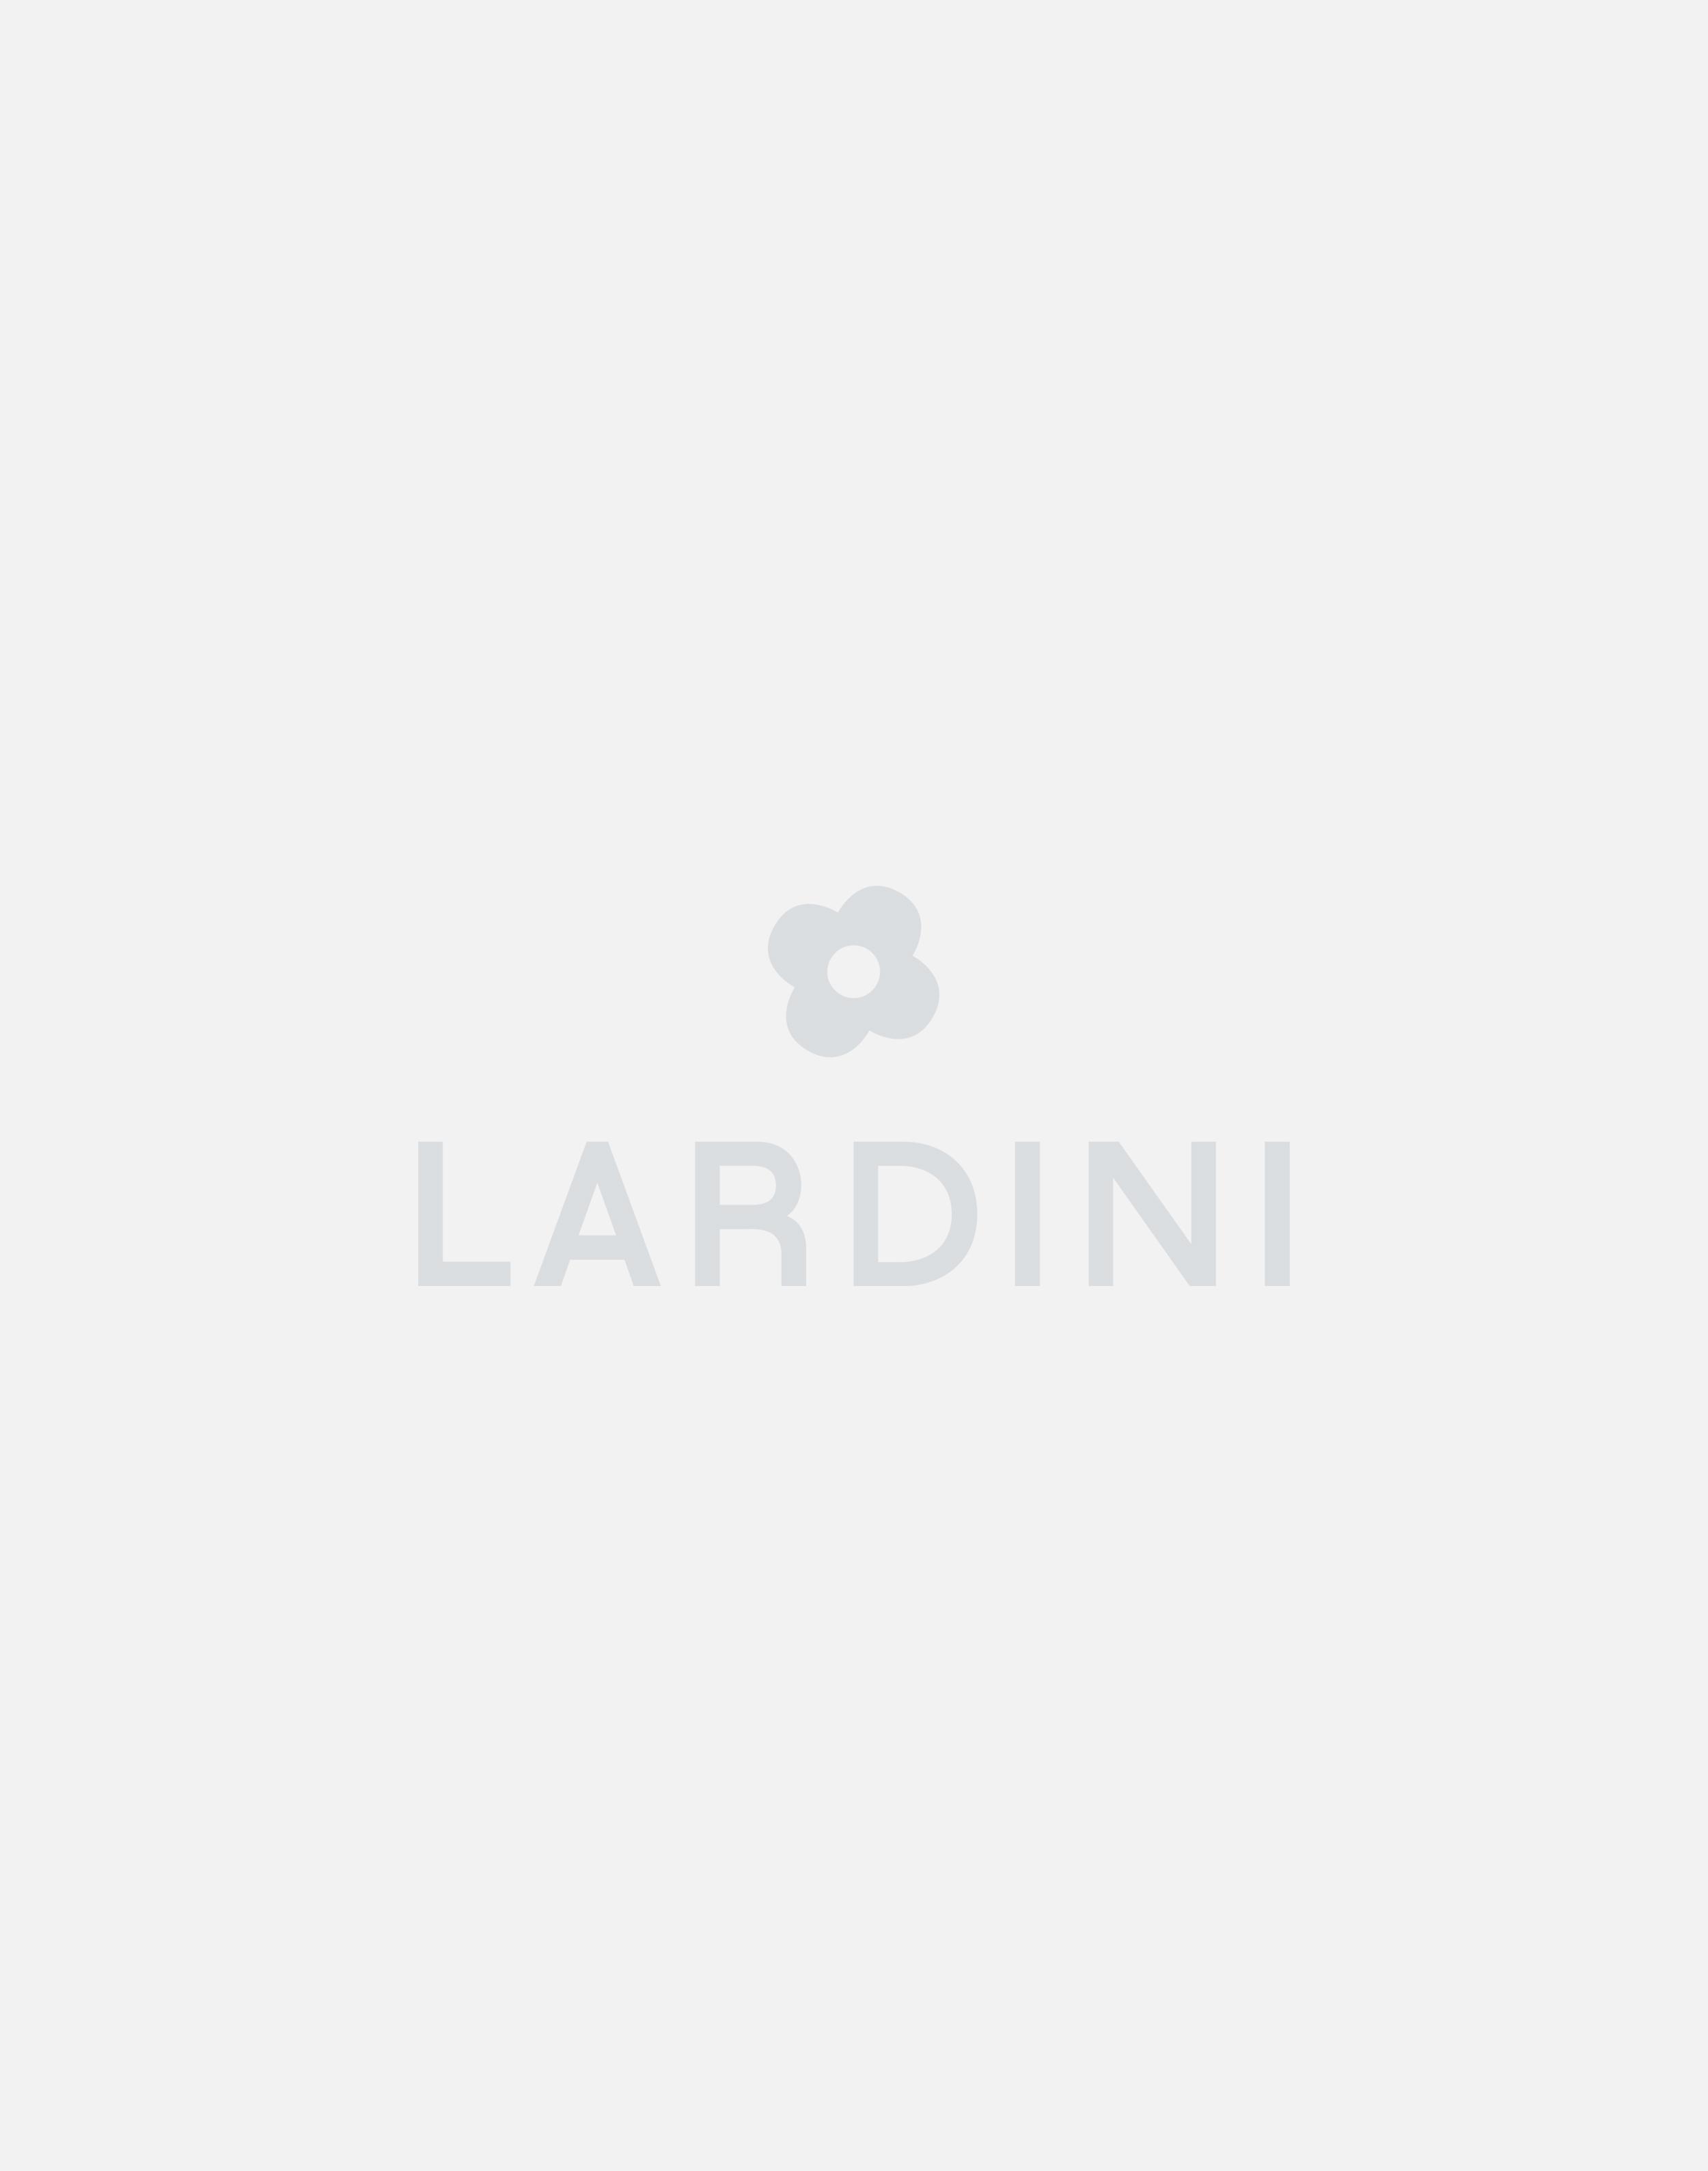 Beige knitted waistcoat - Luigi Lardini capsule